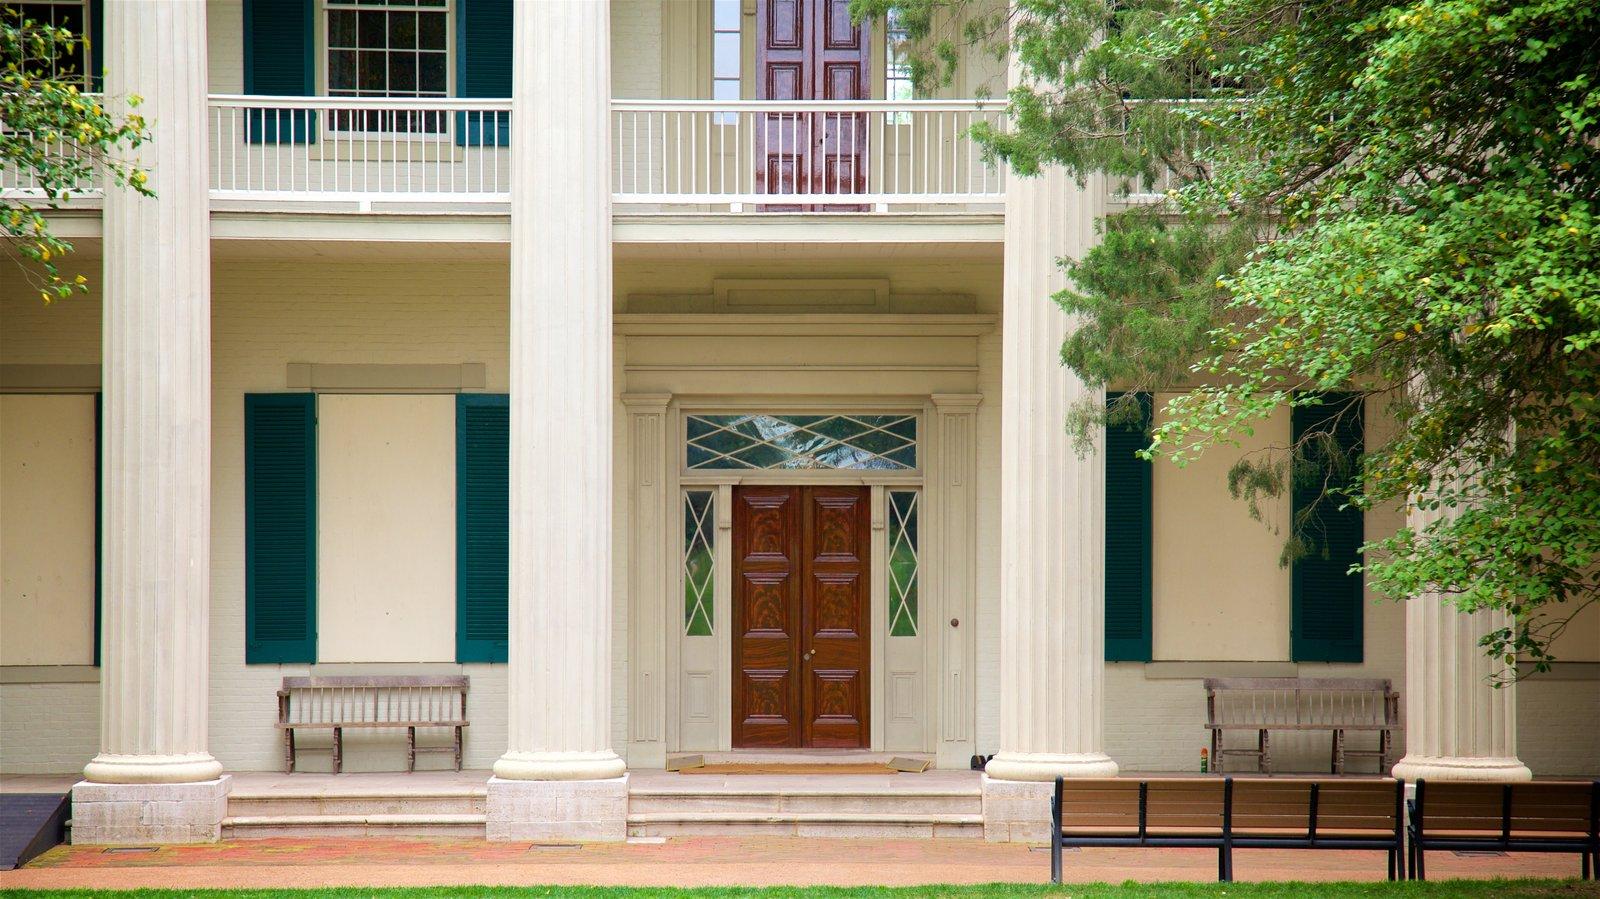 The Hermitage que incluye elementos del patrimonio y una casa